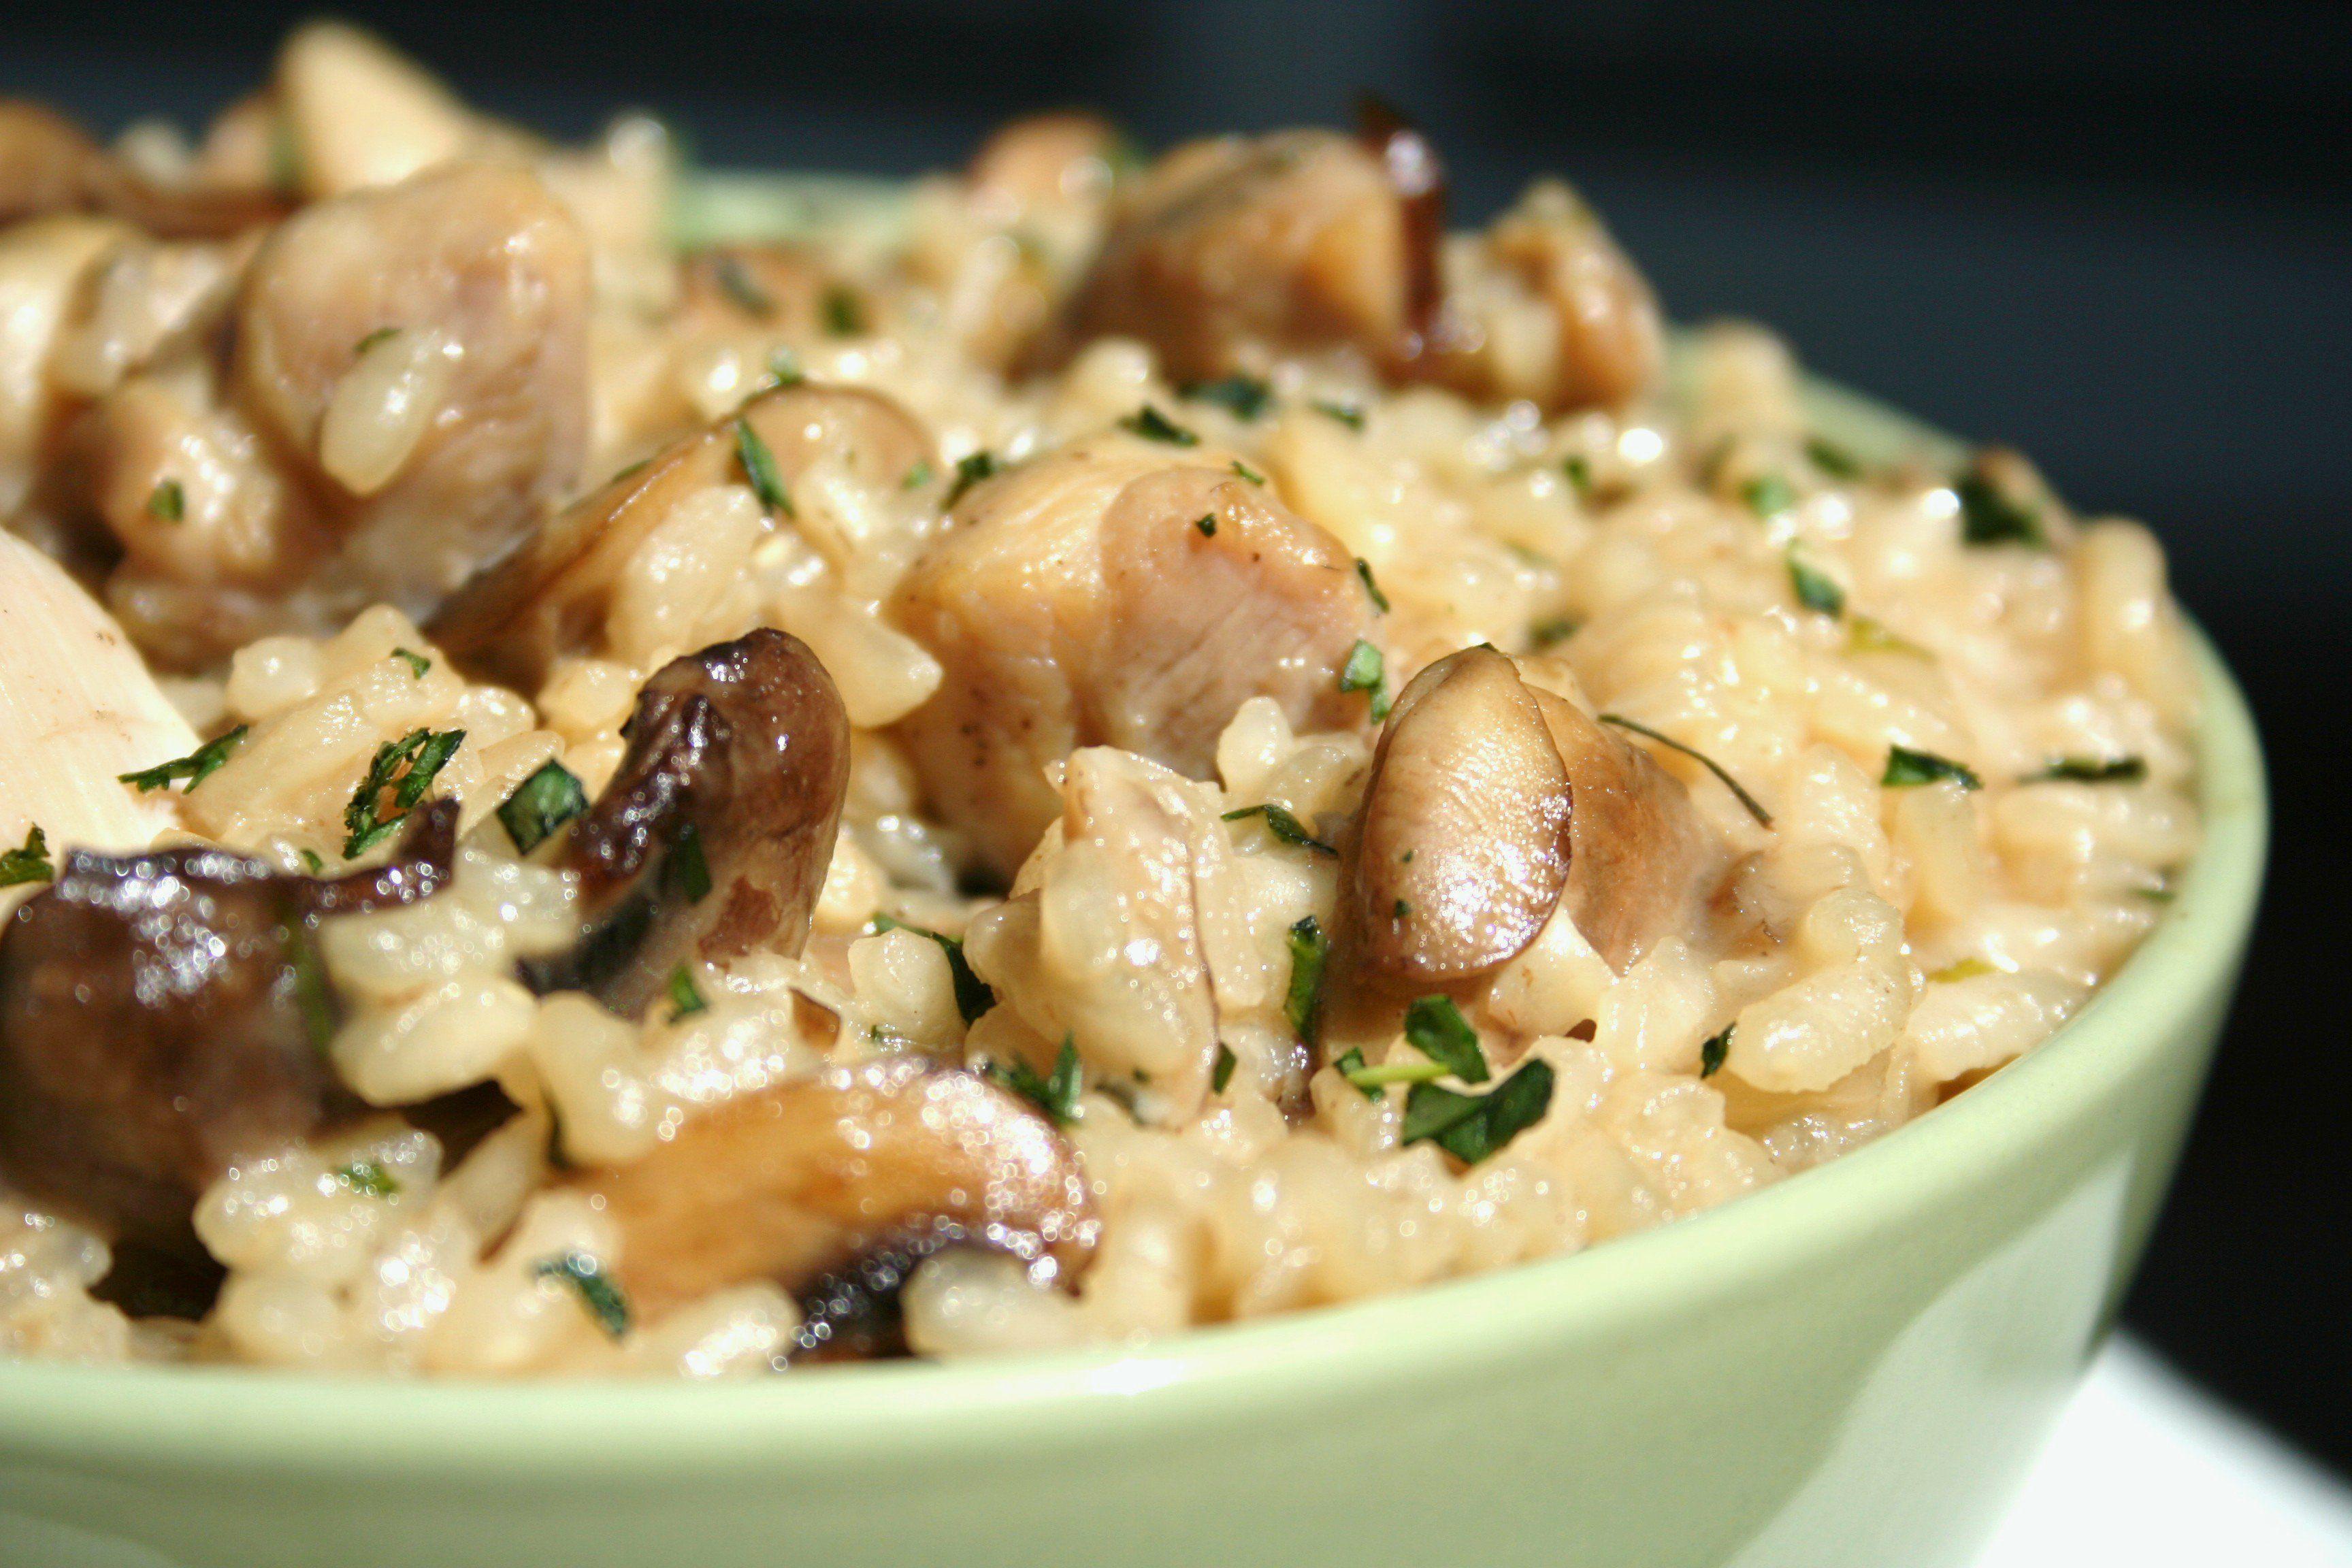 Chicken Risotto Recipes  Chicken and Mushroom Risotto recipe – All recipes Australia NZ